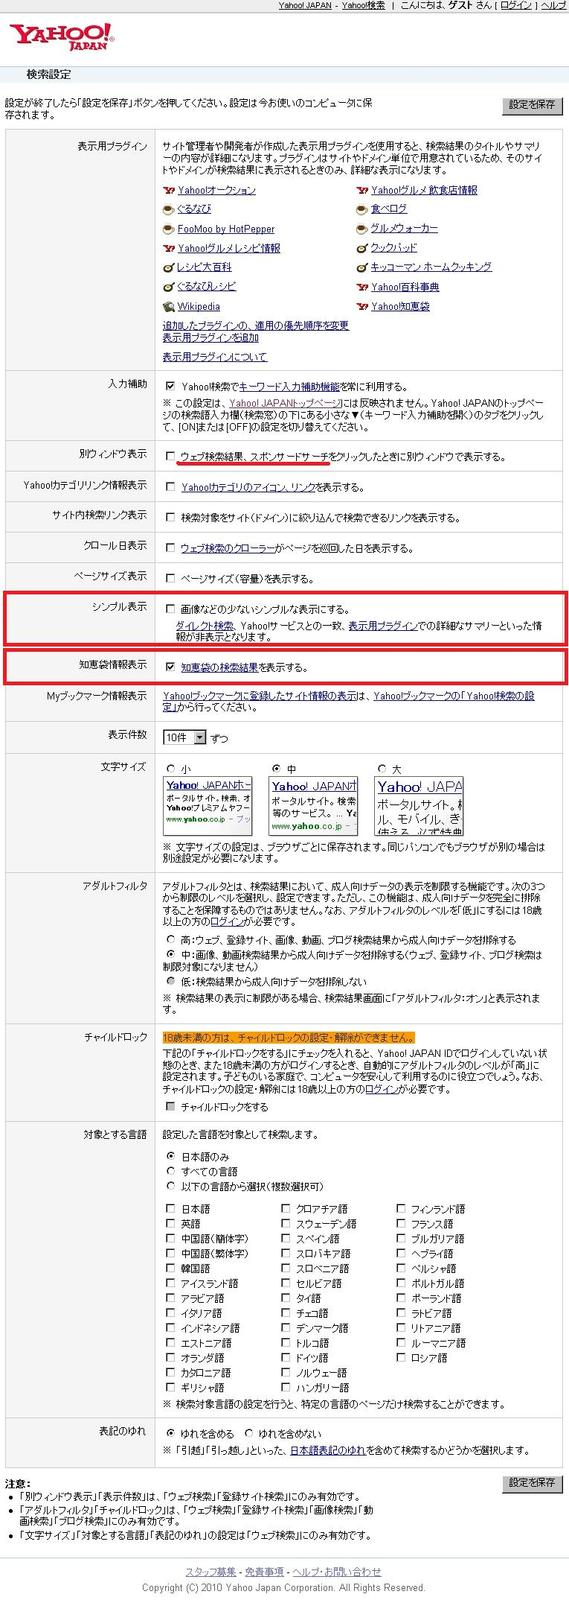 Yahoo_new1